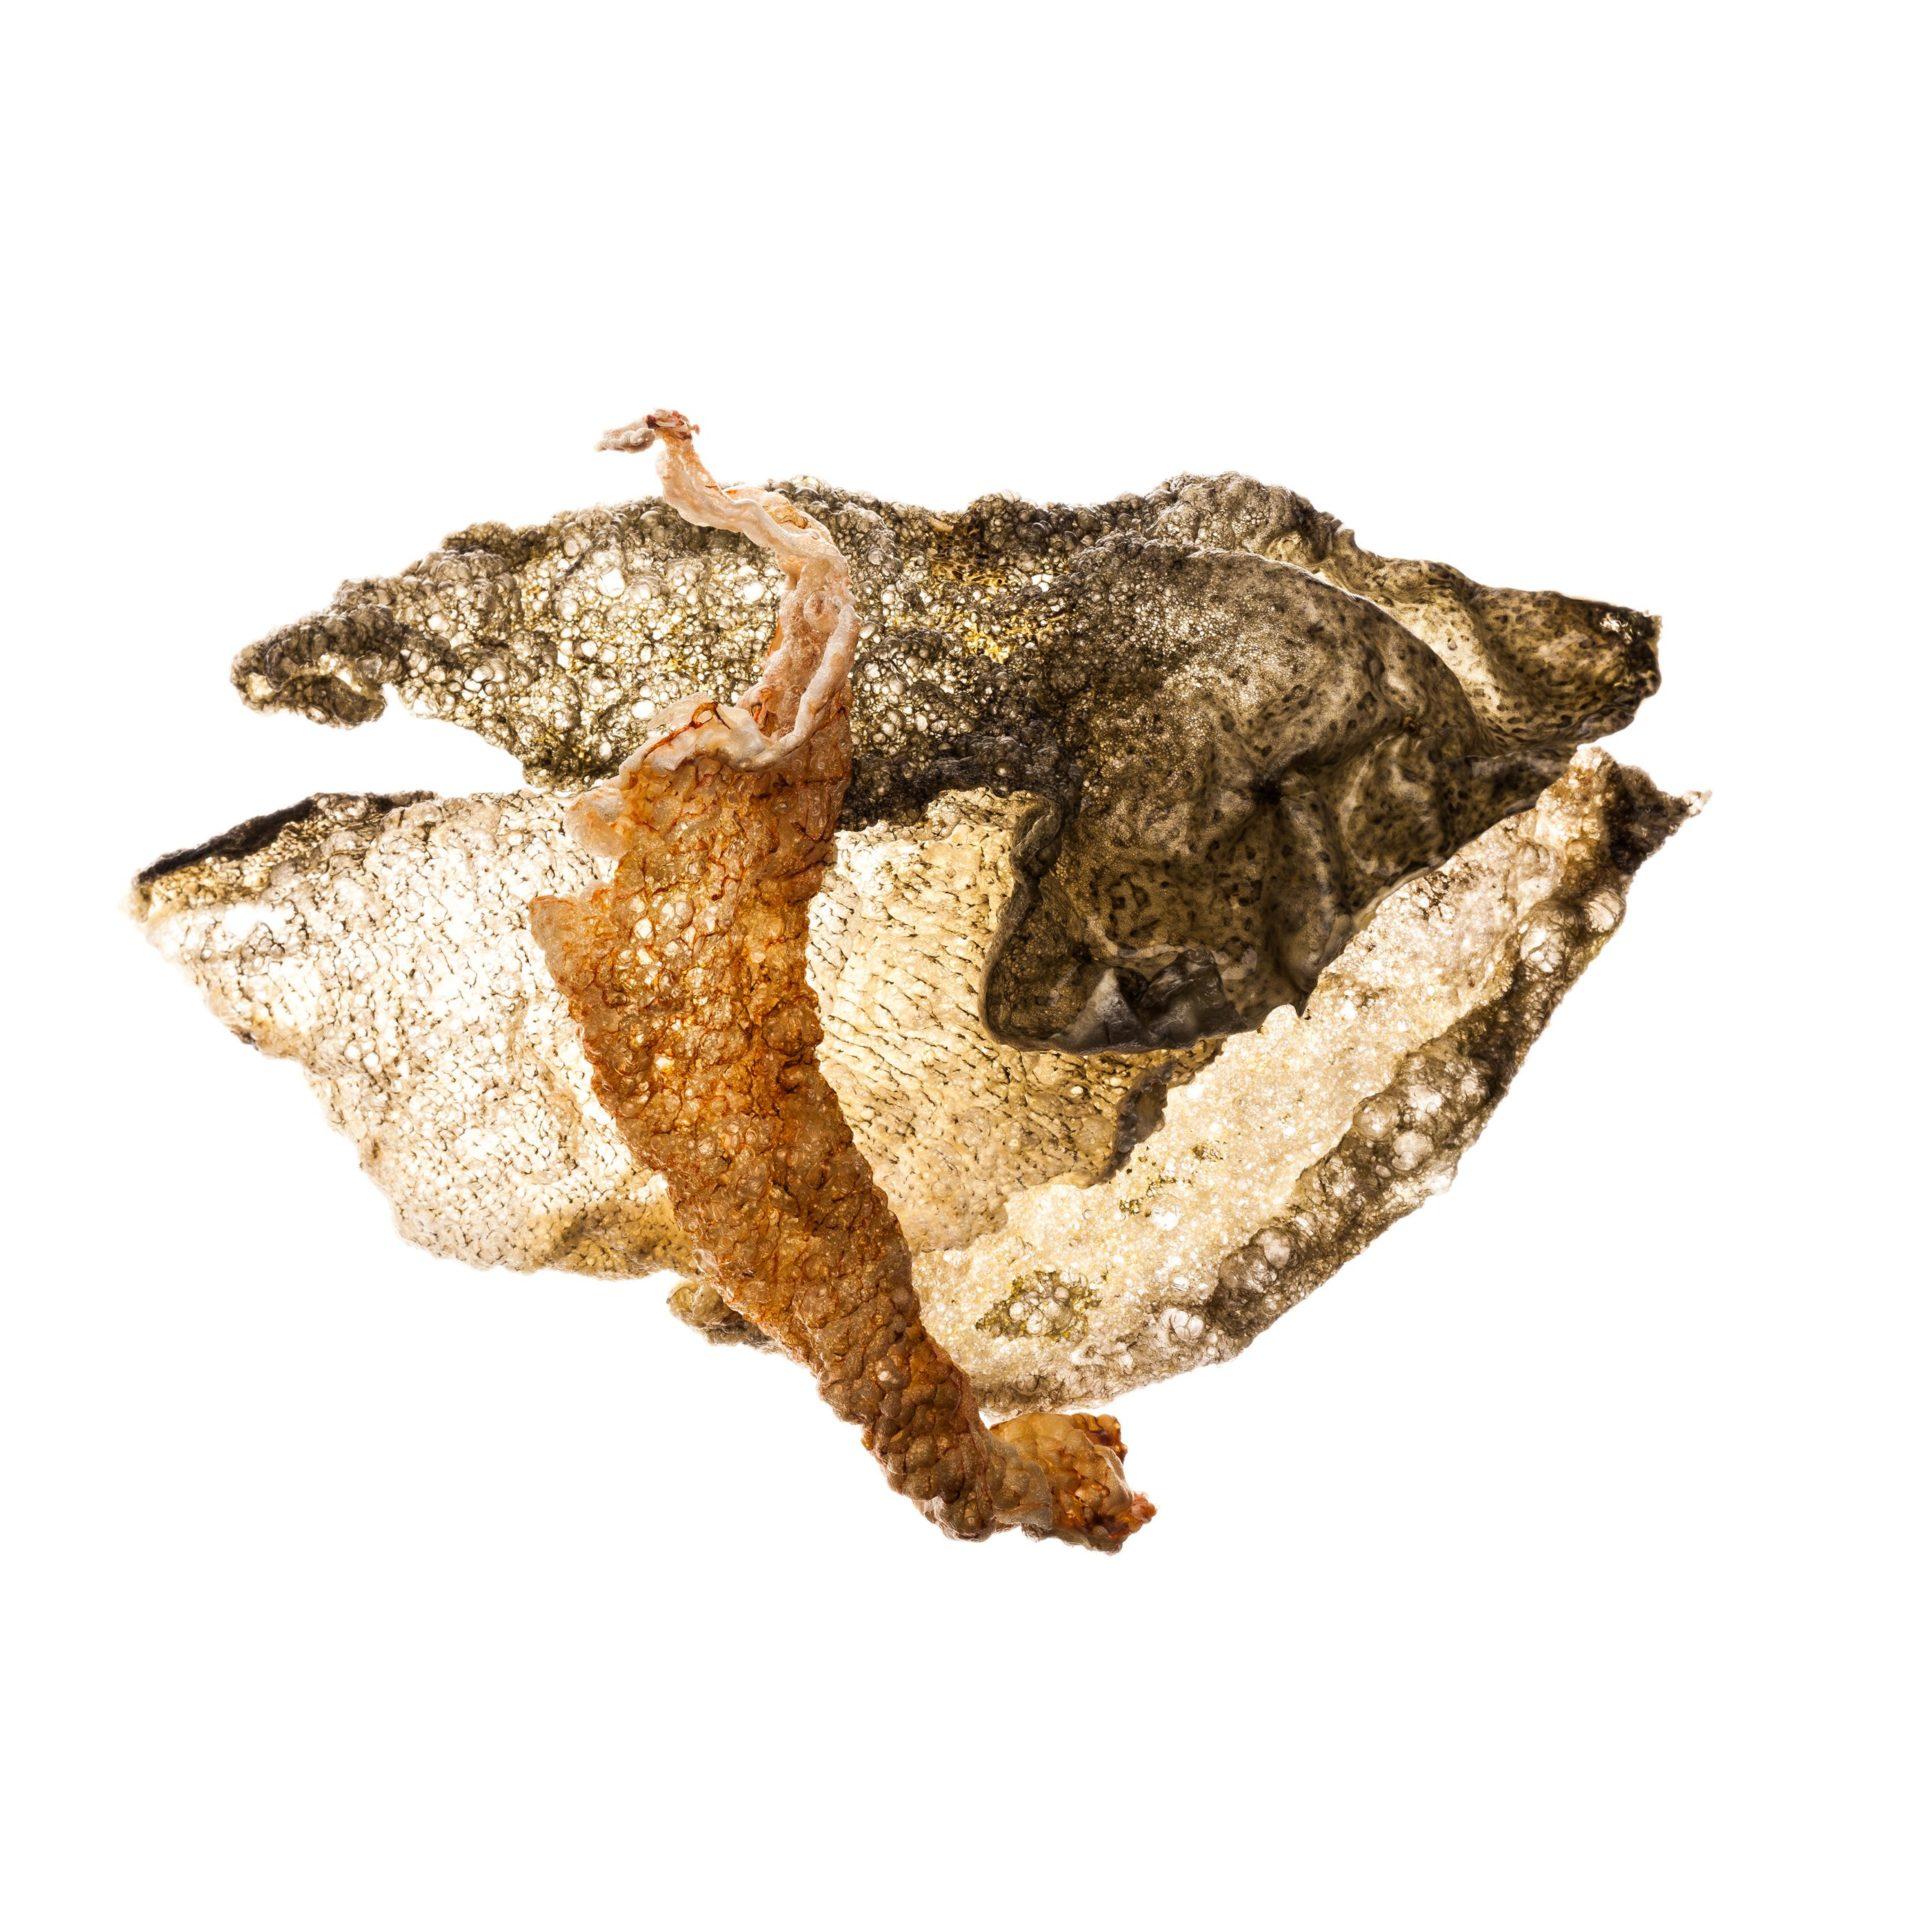 Paolo Della Corte Fish Skins copia scaled - Milano Photofestival